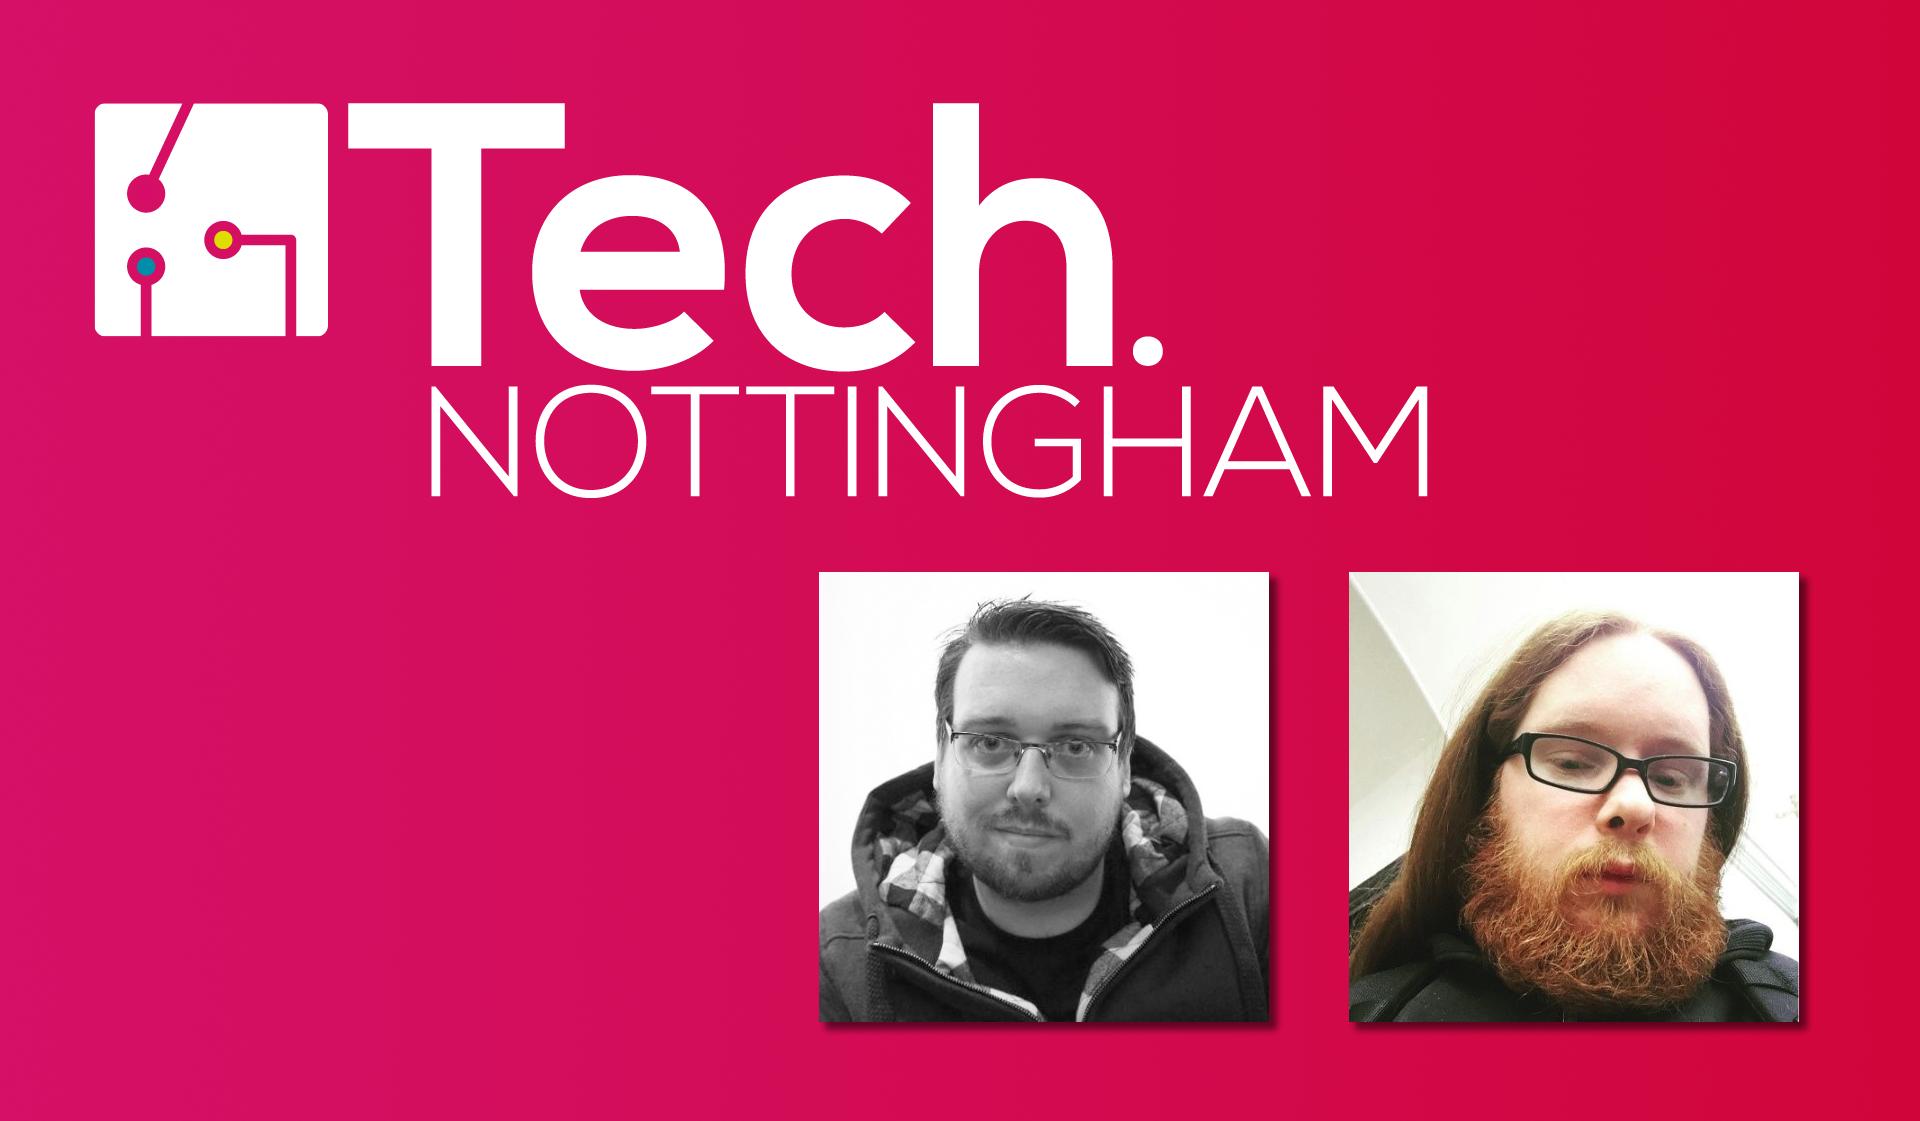 Tech-Nott-banner-July-2018.png